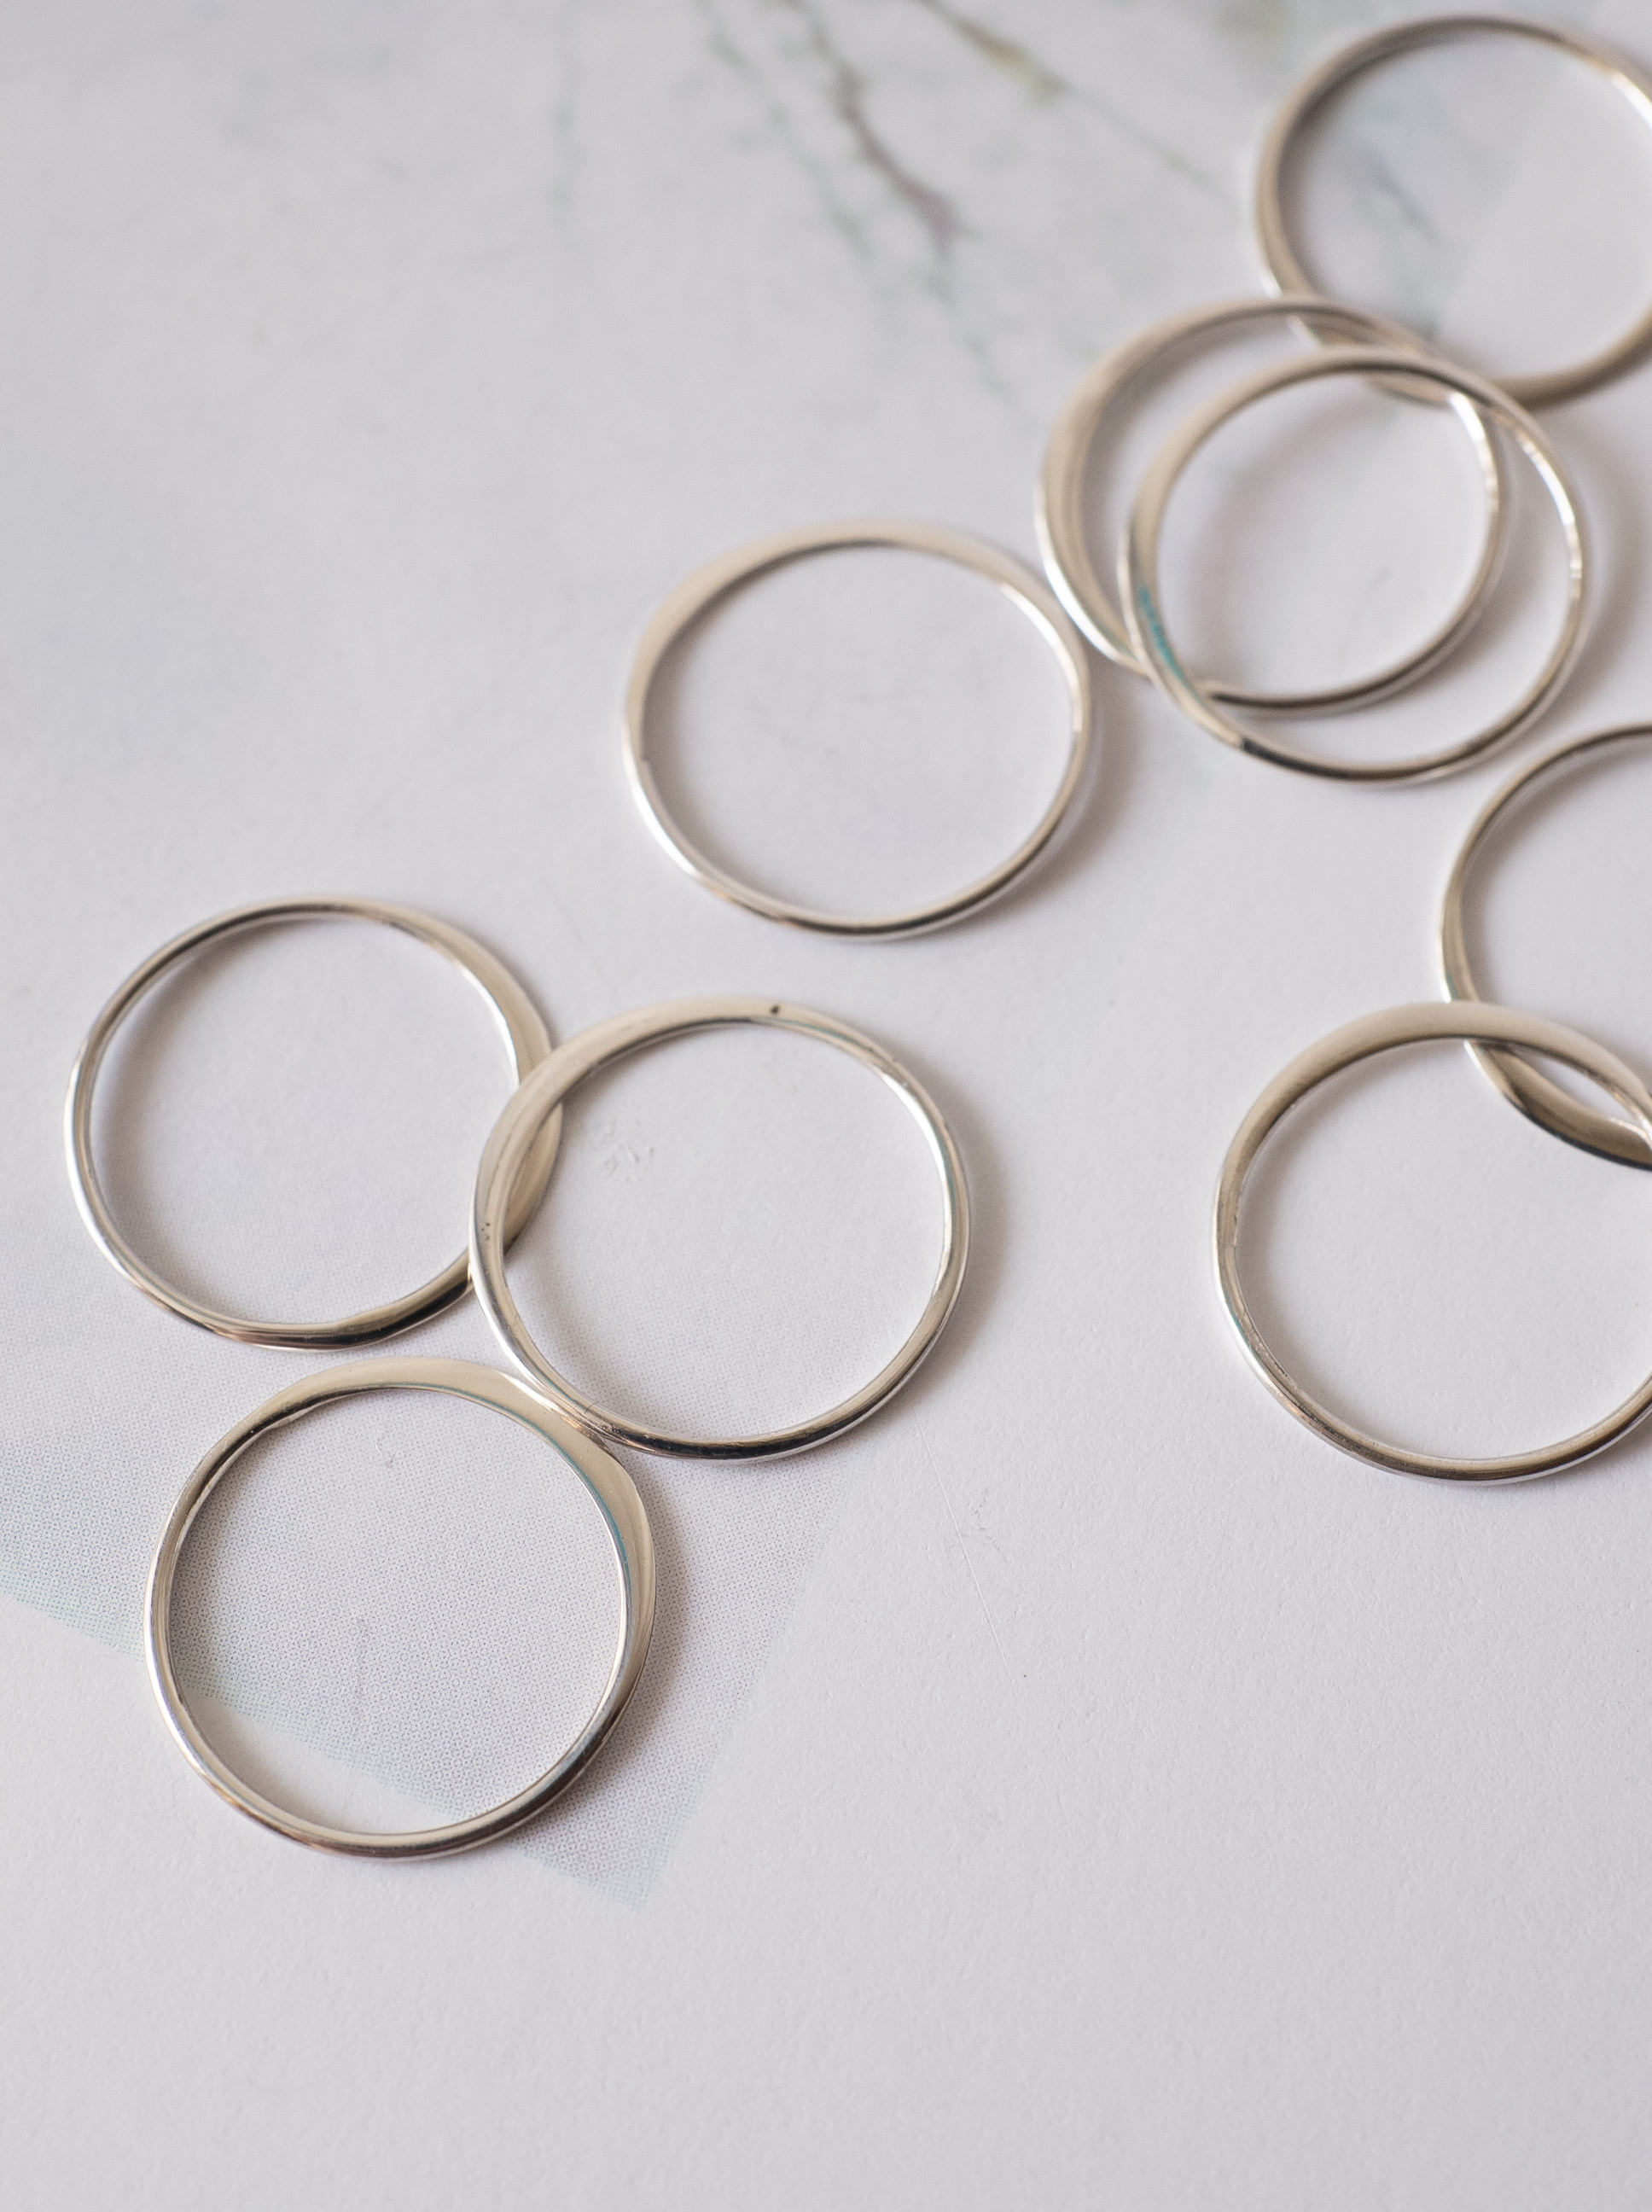 Circle Link Parts 15mm / Silver - 016